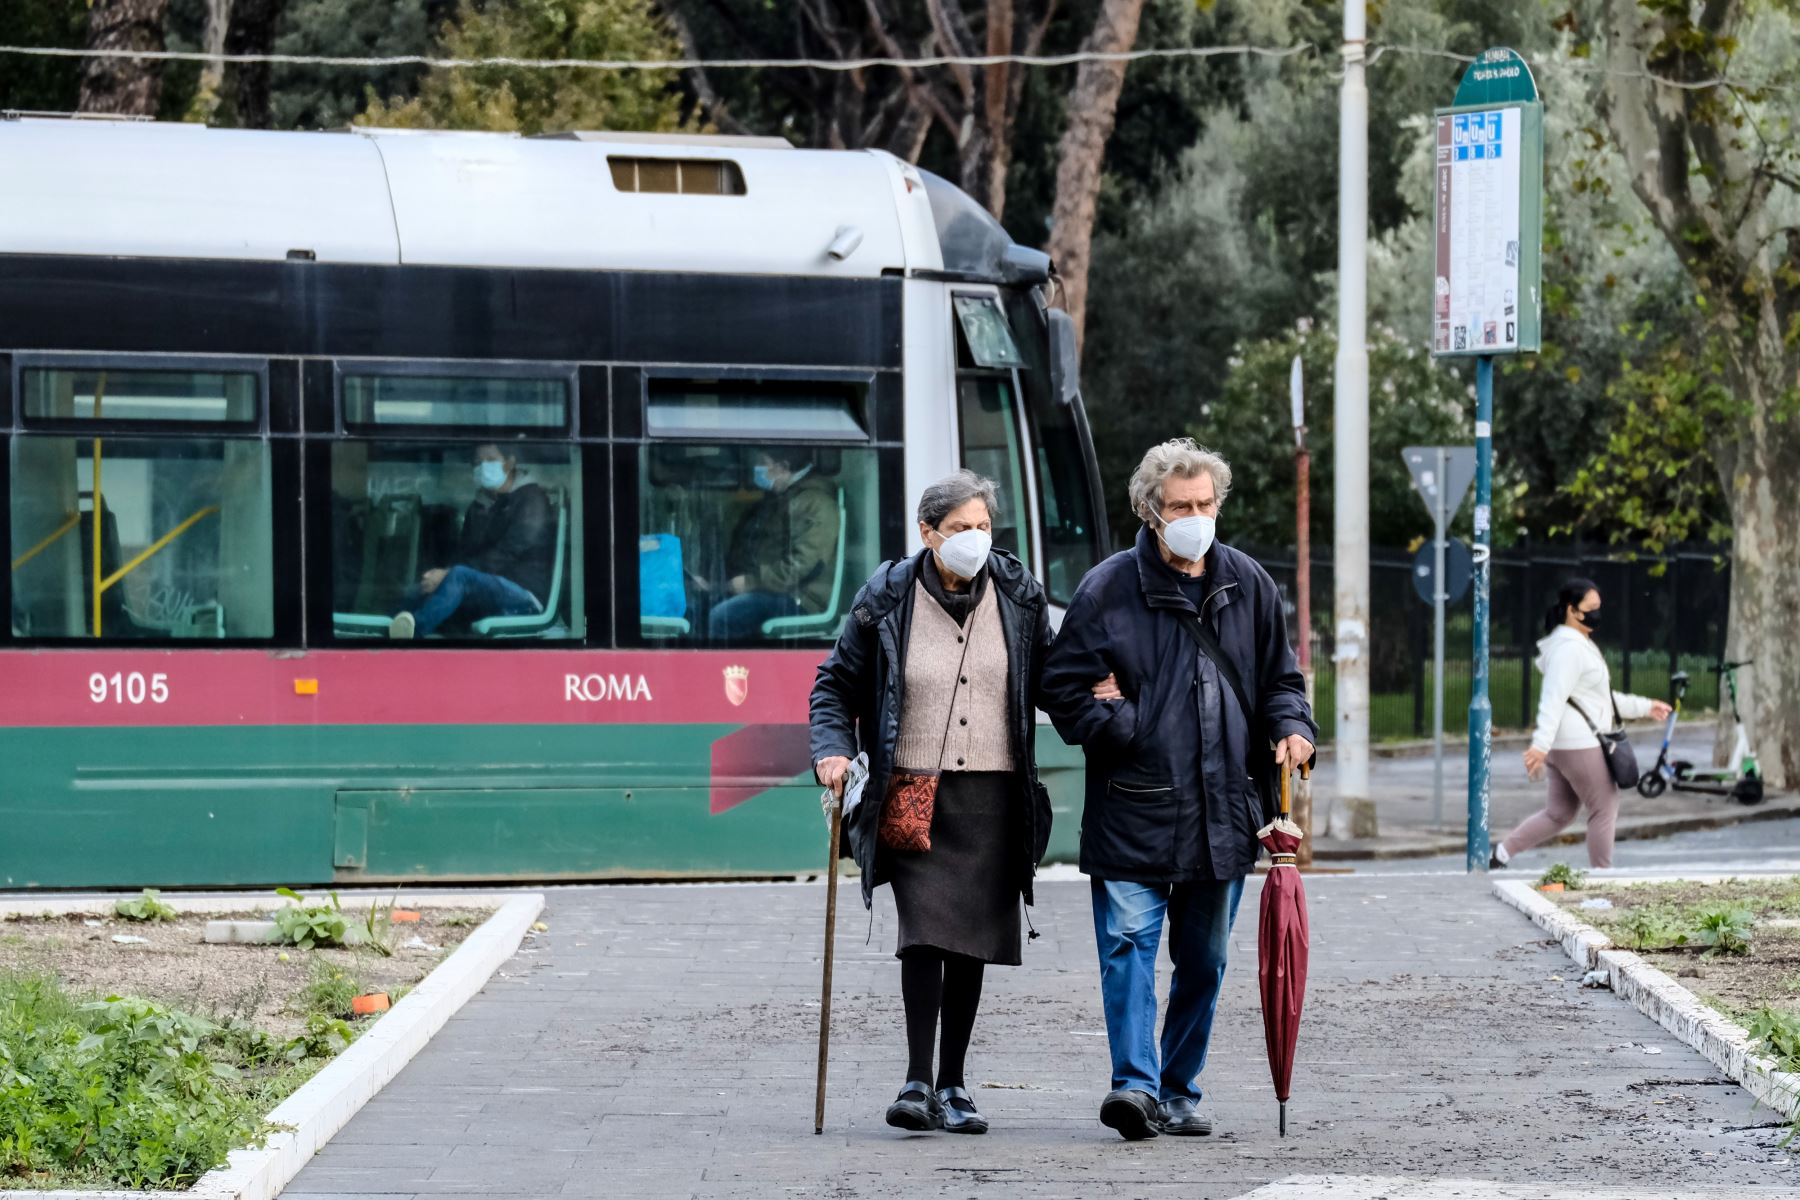 Una pareja de ancianos con mascarillas protectoras, se aleja de la parada del tranvía en medio de la pandemia, en Roma. Foto: AFP